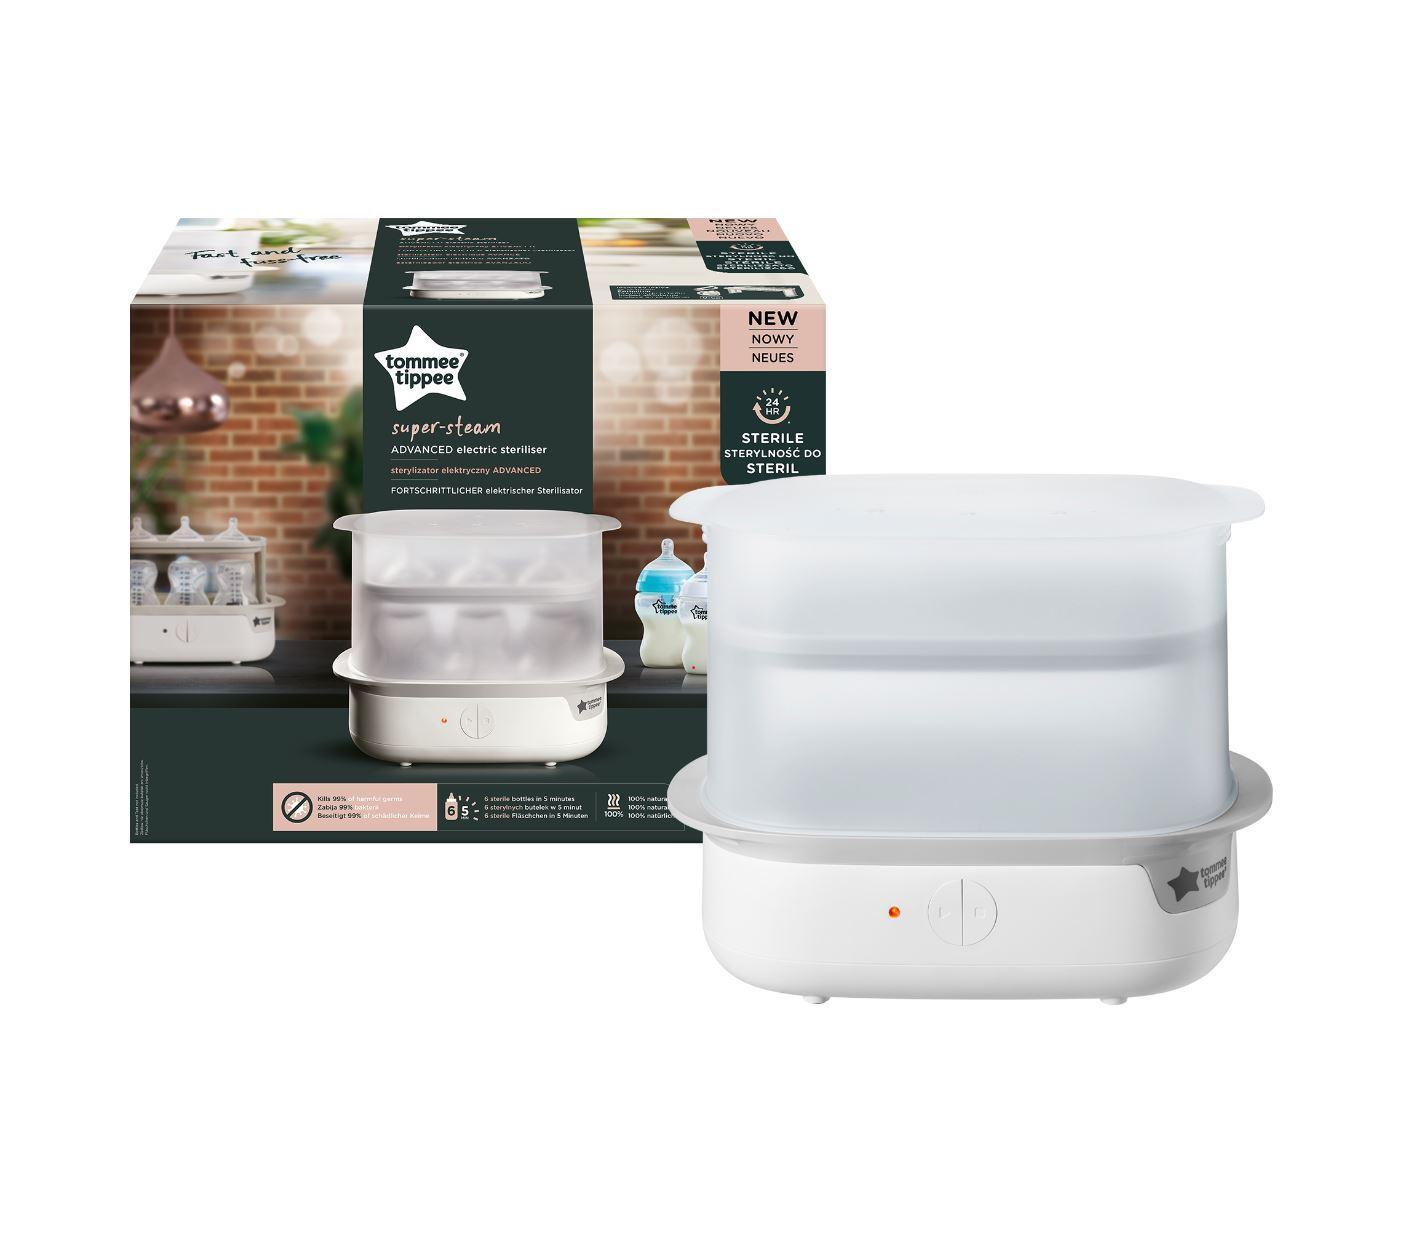 Stérilisateur électrique sans BPA TOMMEE TIPPEE